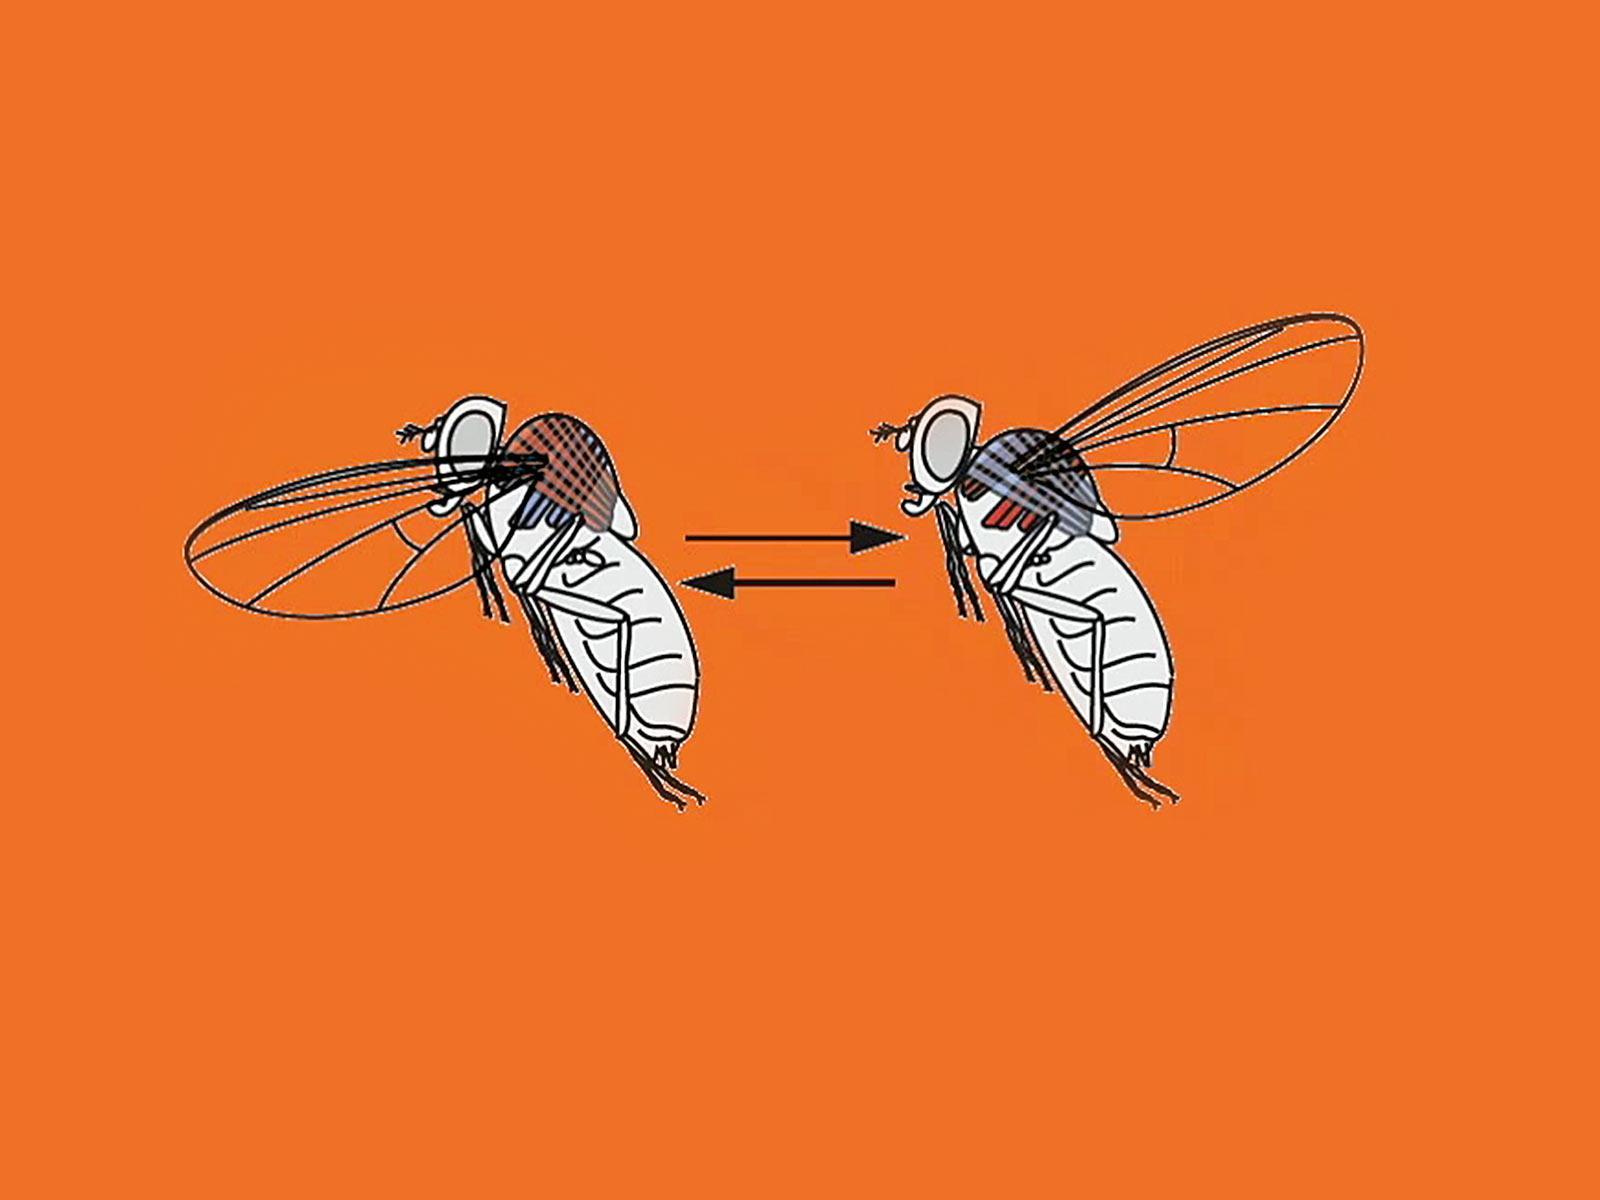 سخنرانی تد : مگسها چگونه پرواز میکنند؟